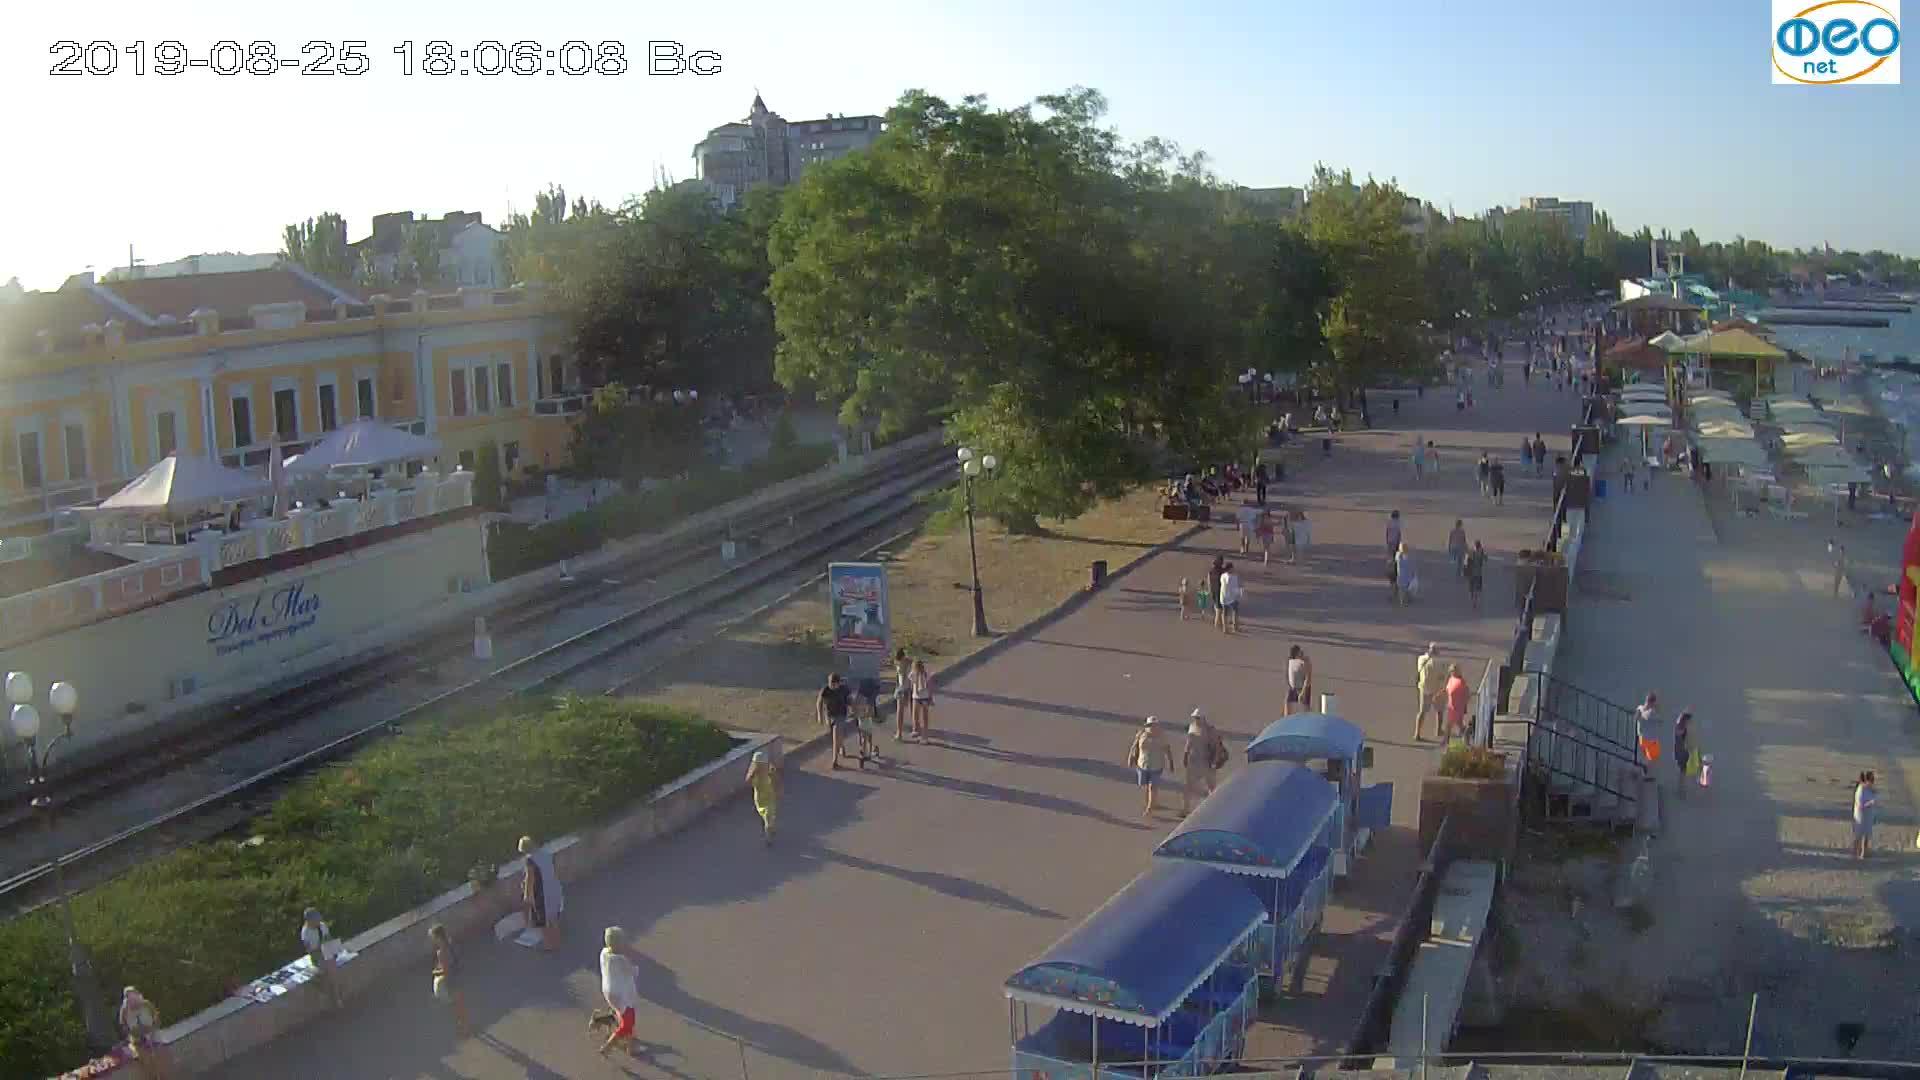 Веб-камеры Феодосии, Набережная, 2019-08-25 18:00:06